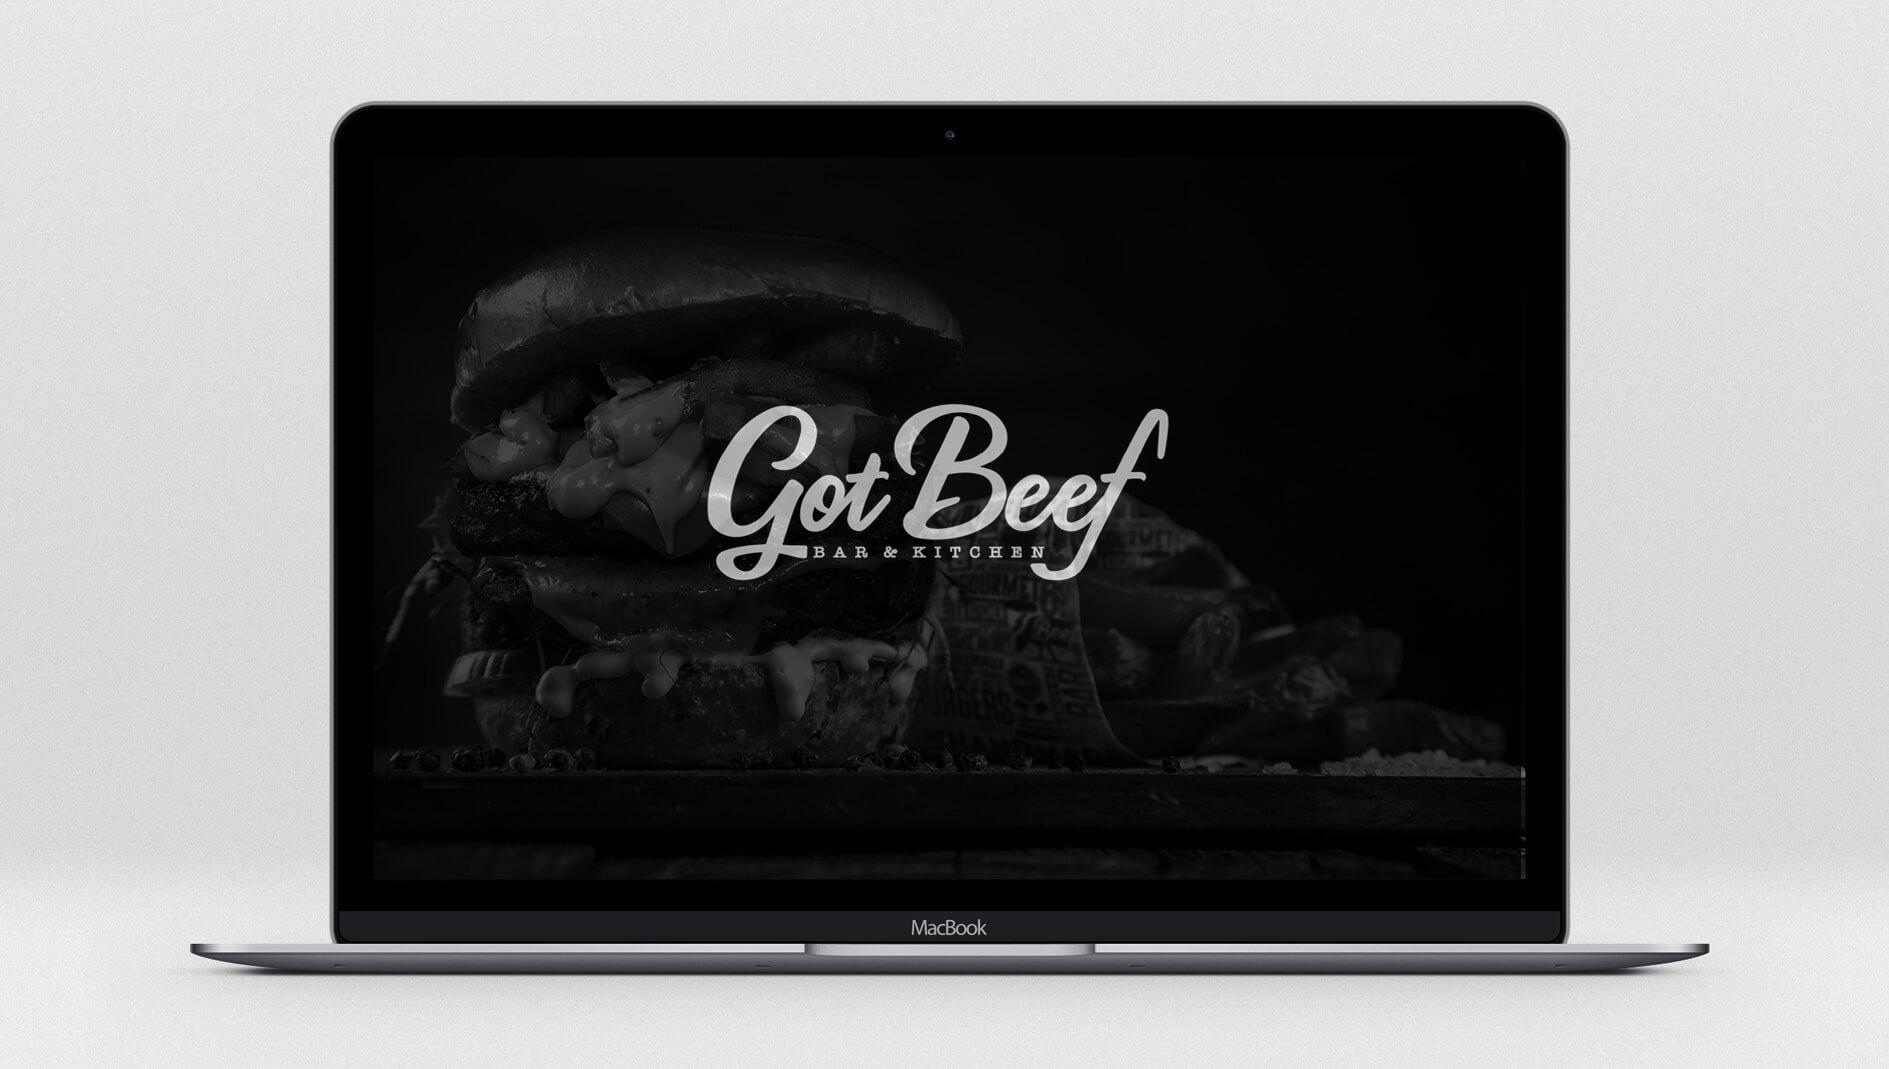 Got Beef